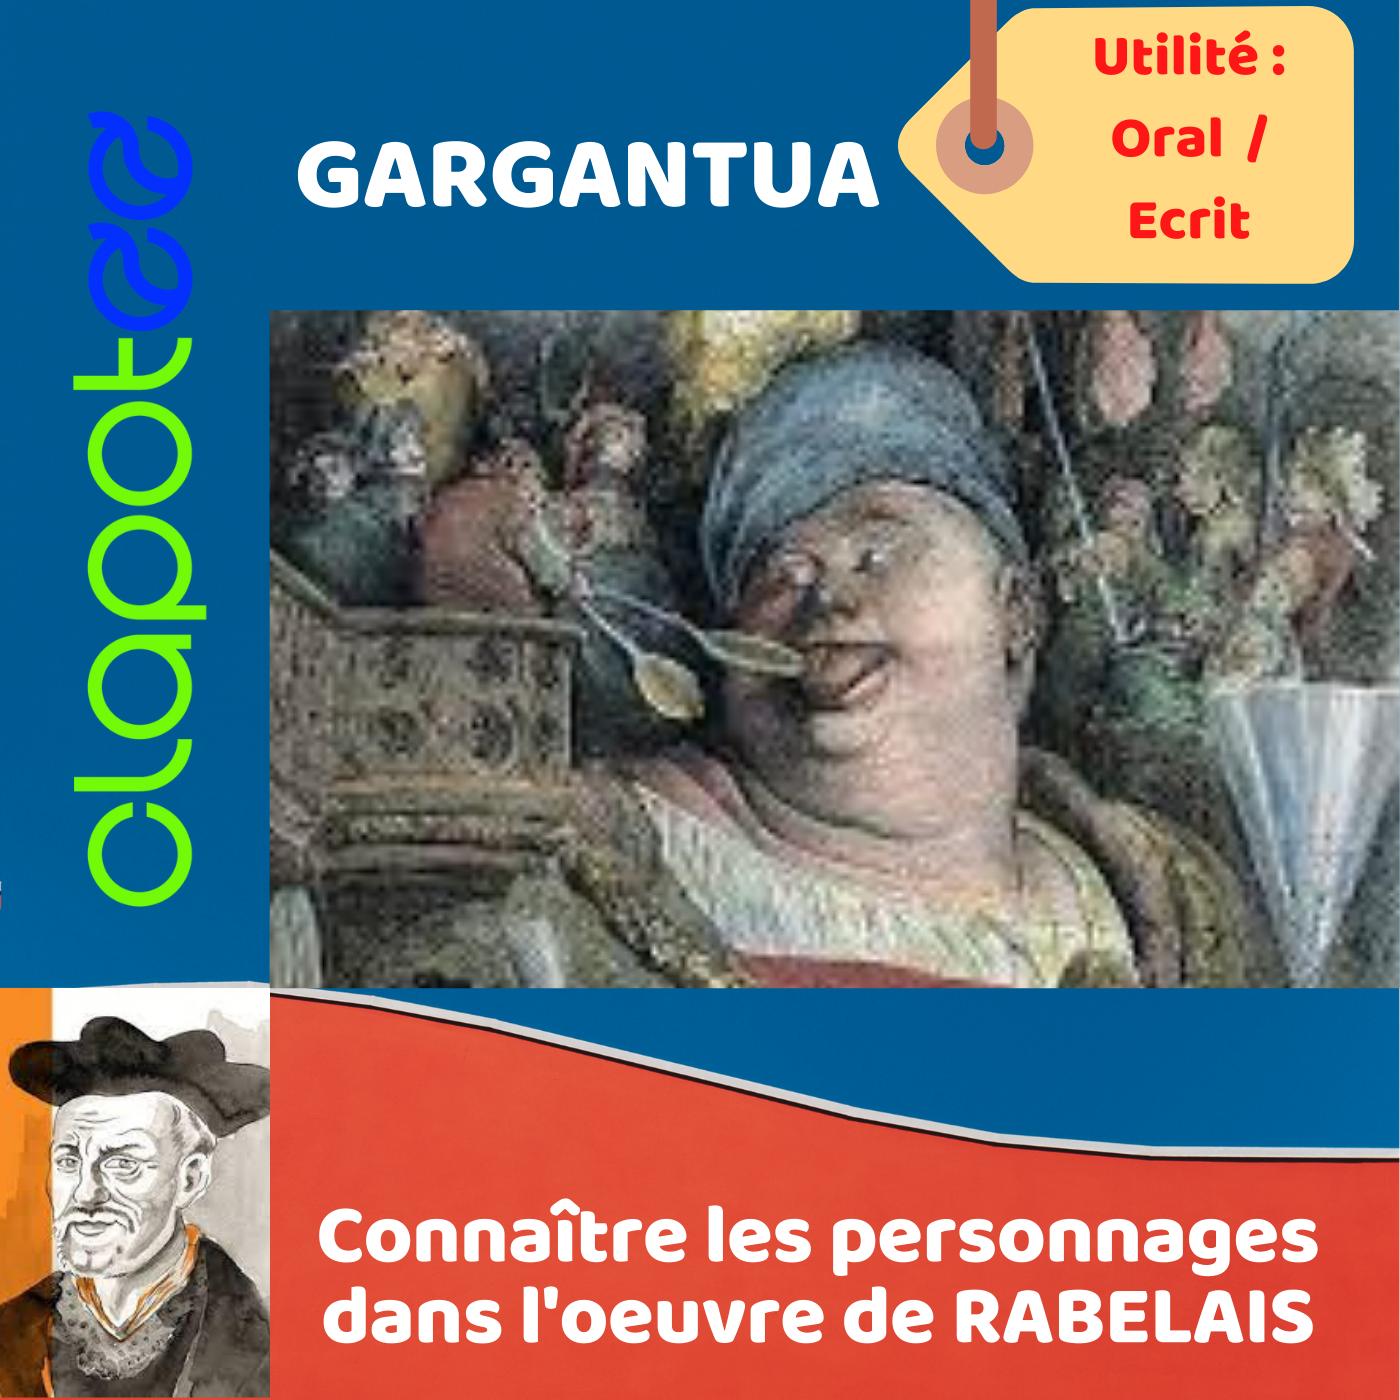 GARGANTUA, le personnage éponyme de l'oeuvre de RABELAIS.